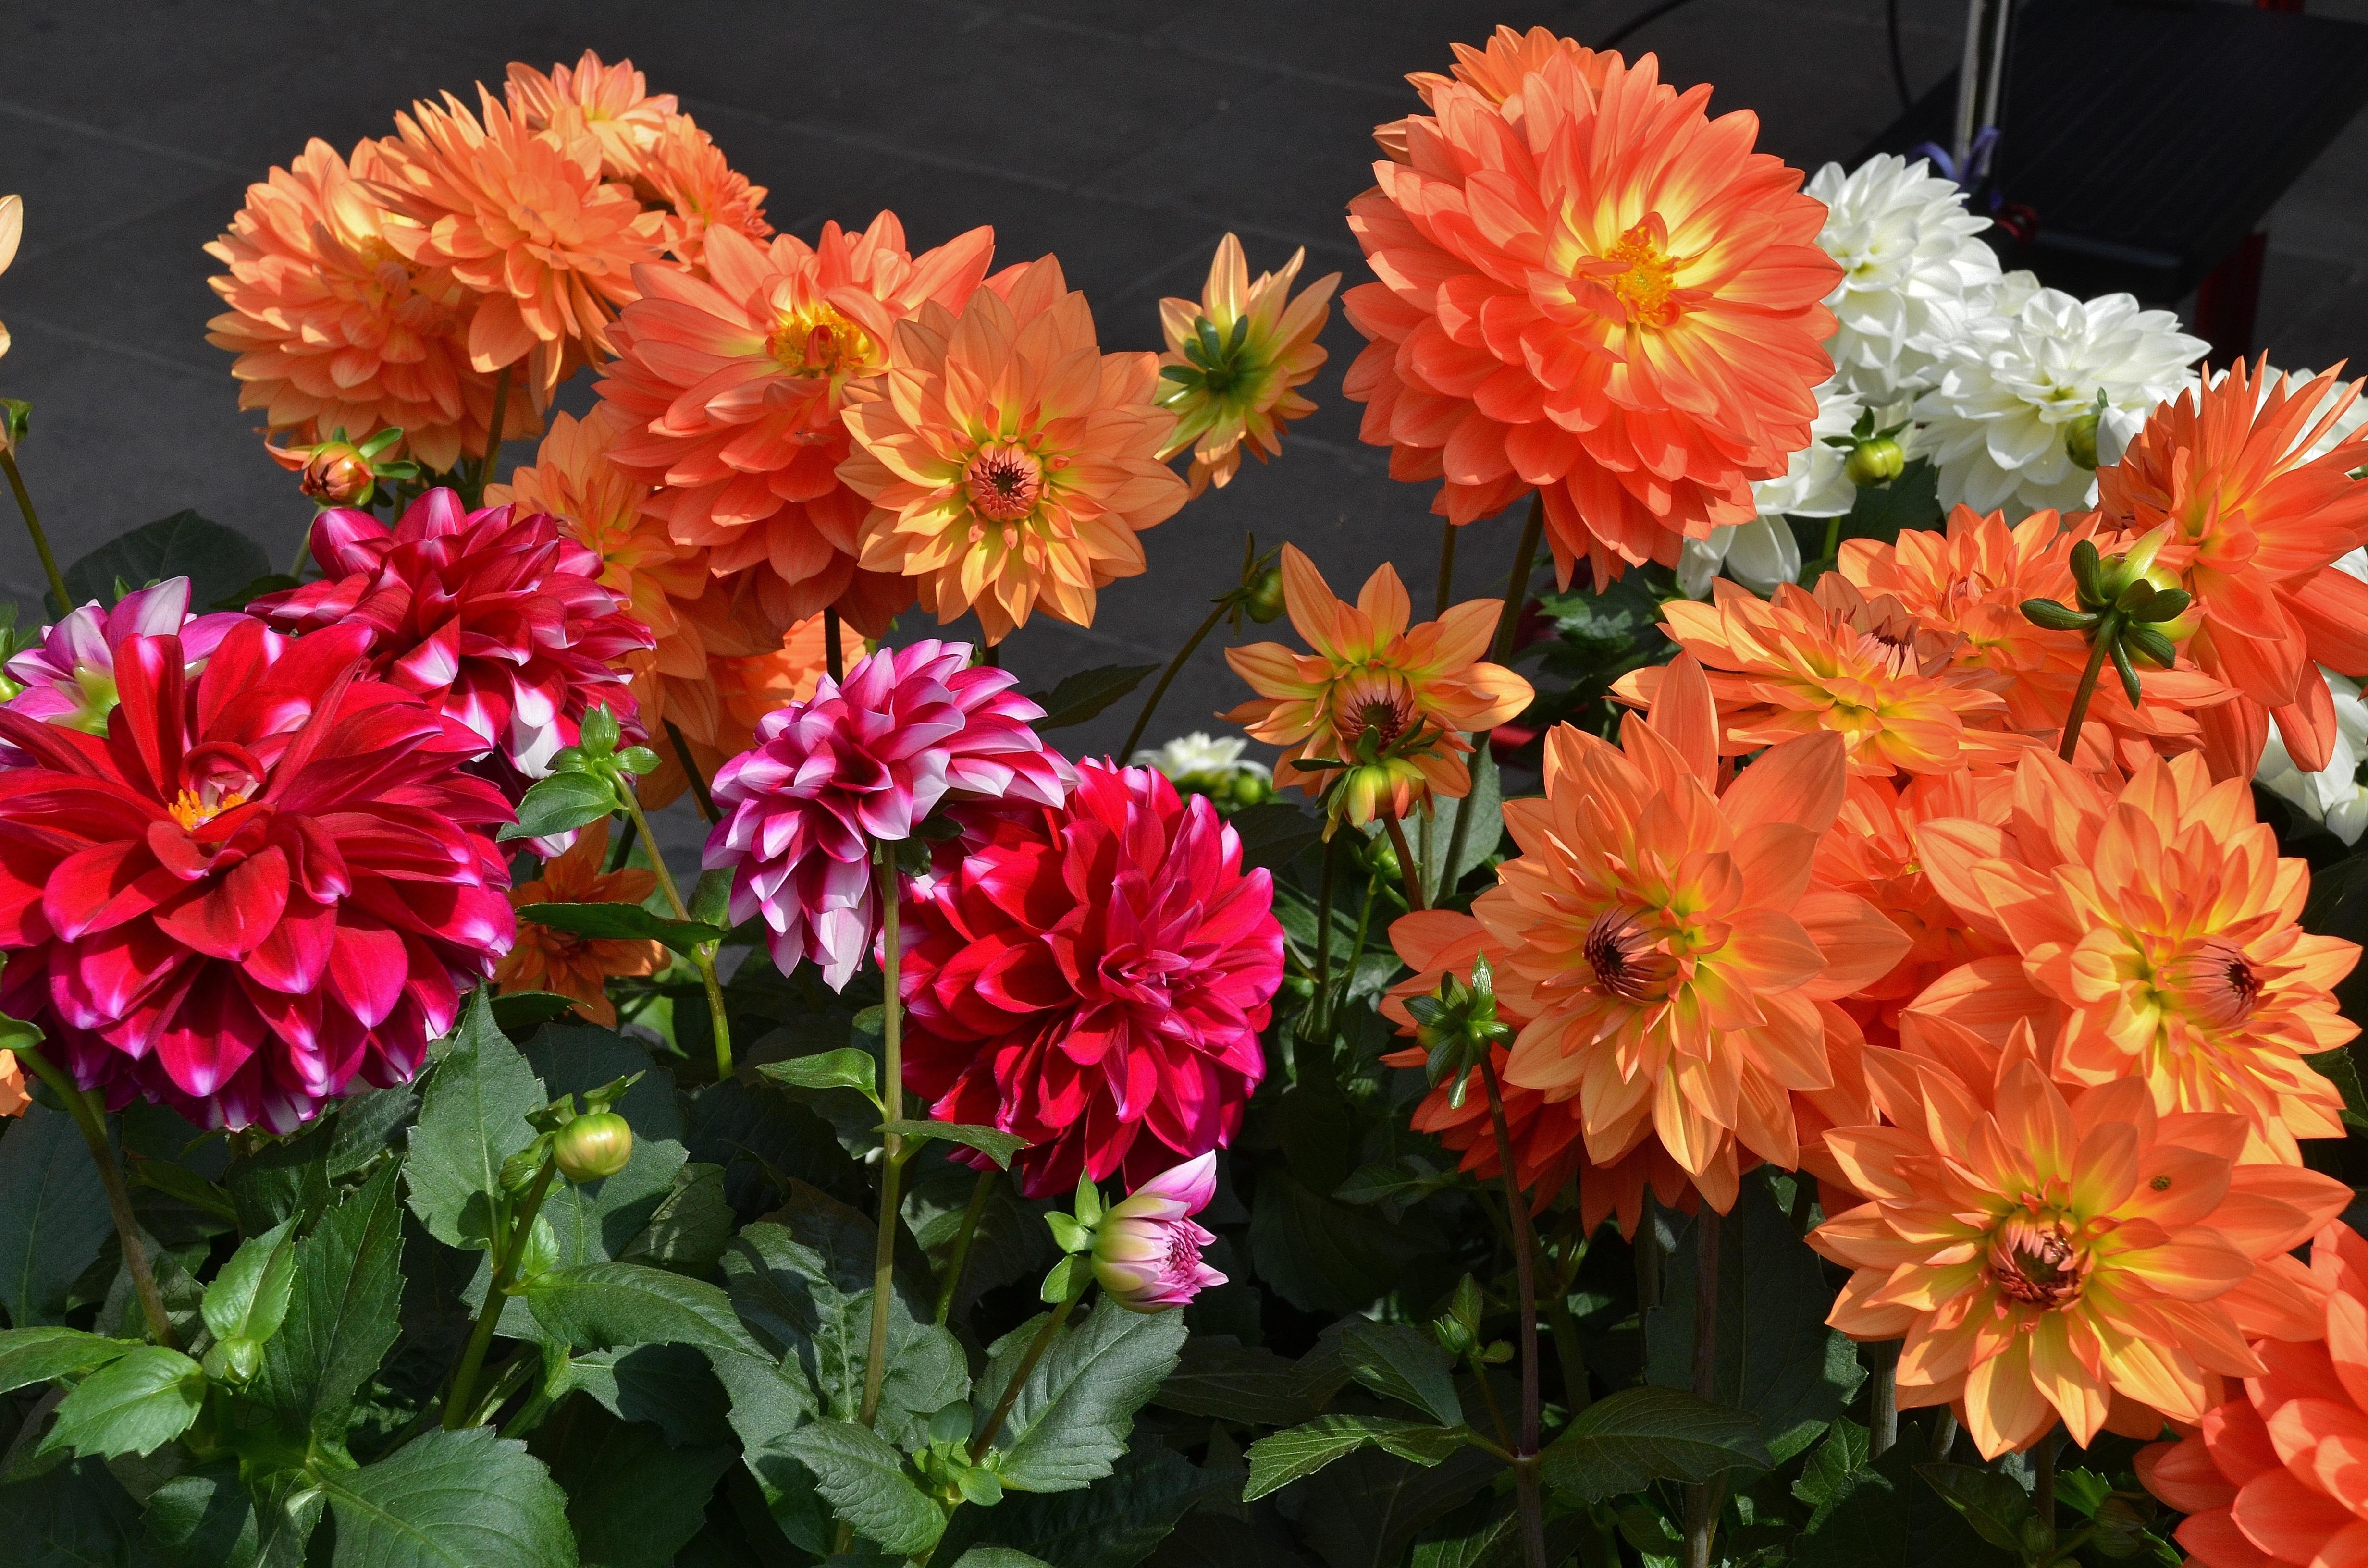 двухподъездный георгин фото цветов в саду героизмом